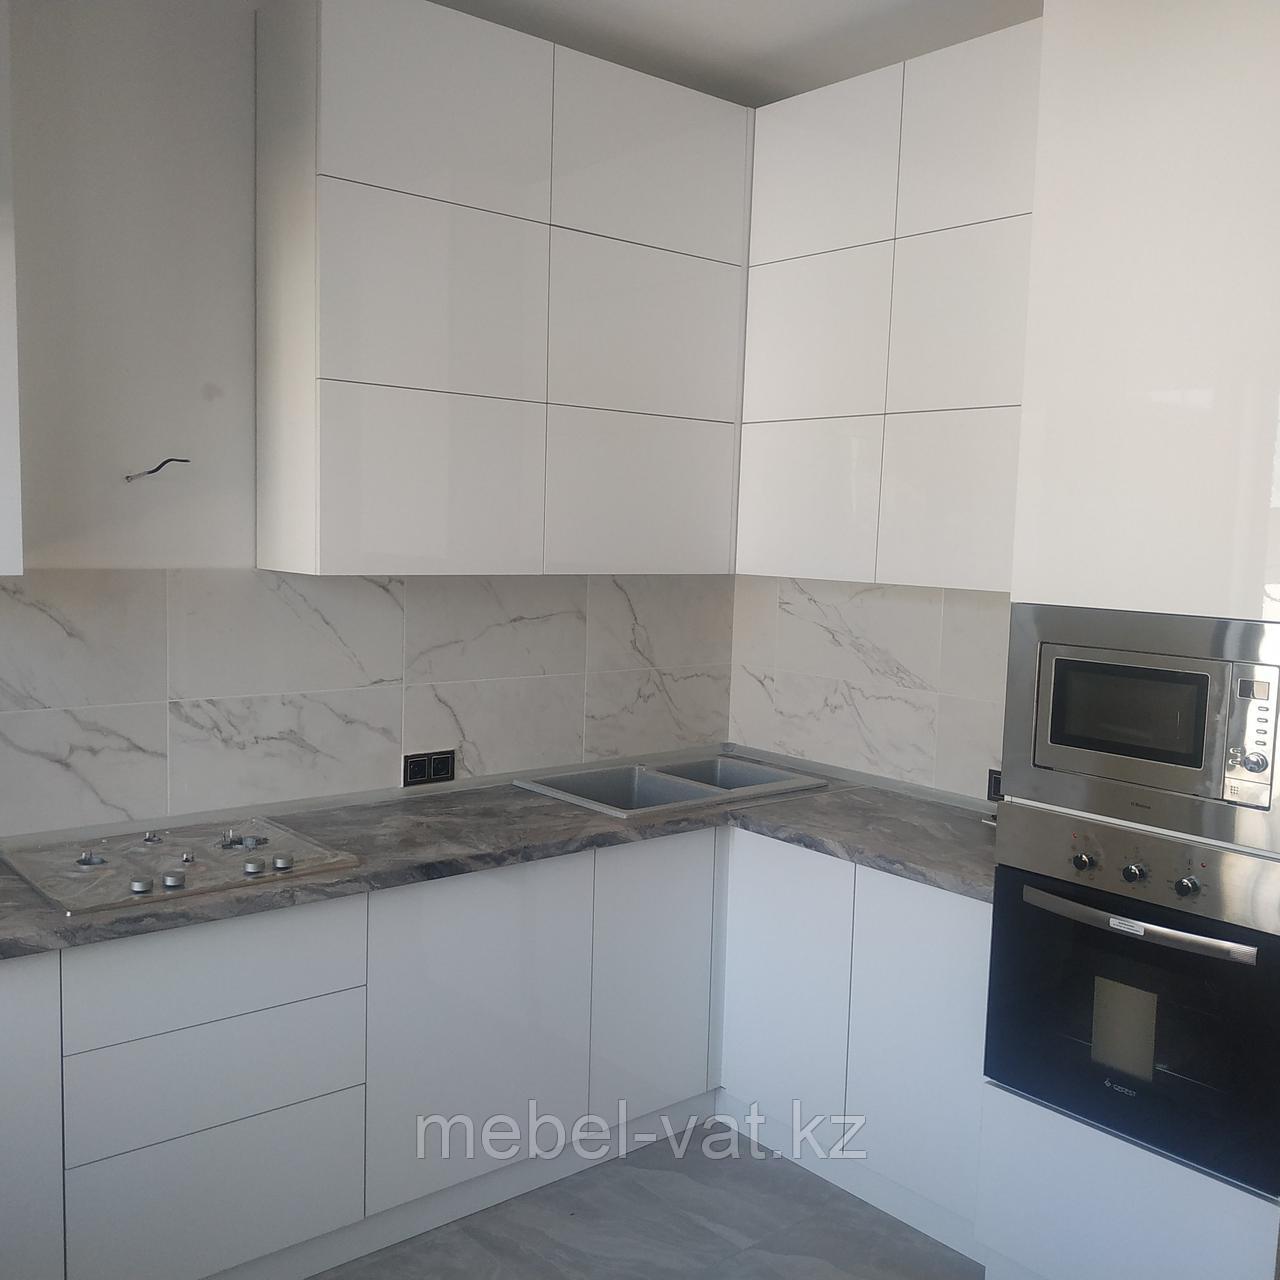 Белая кухня. Глянец